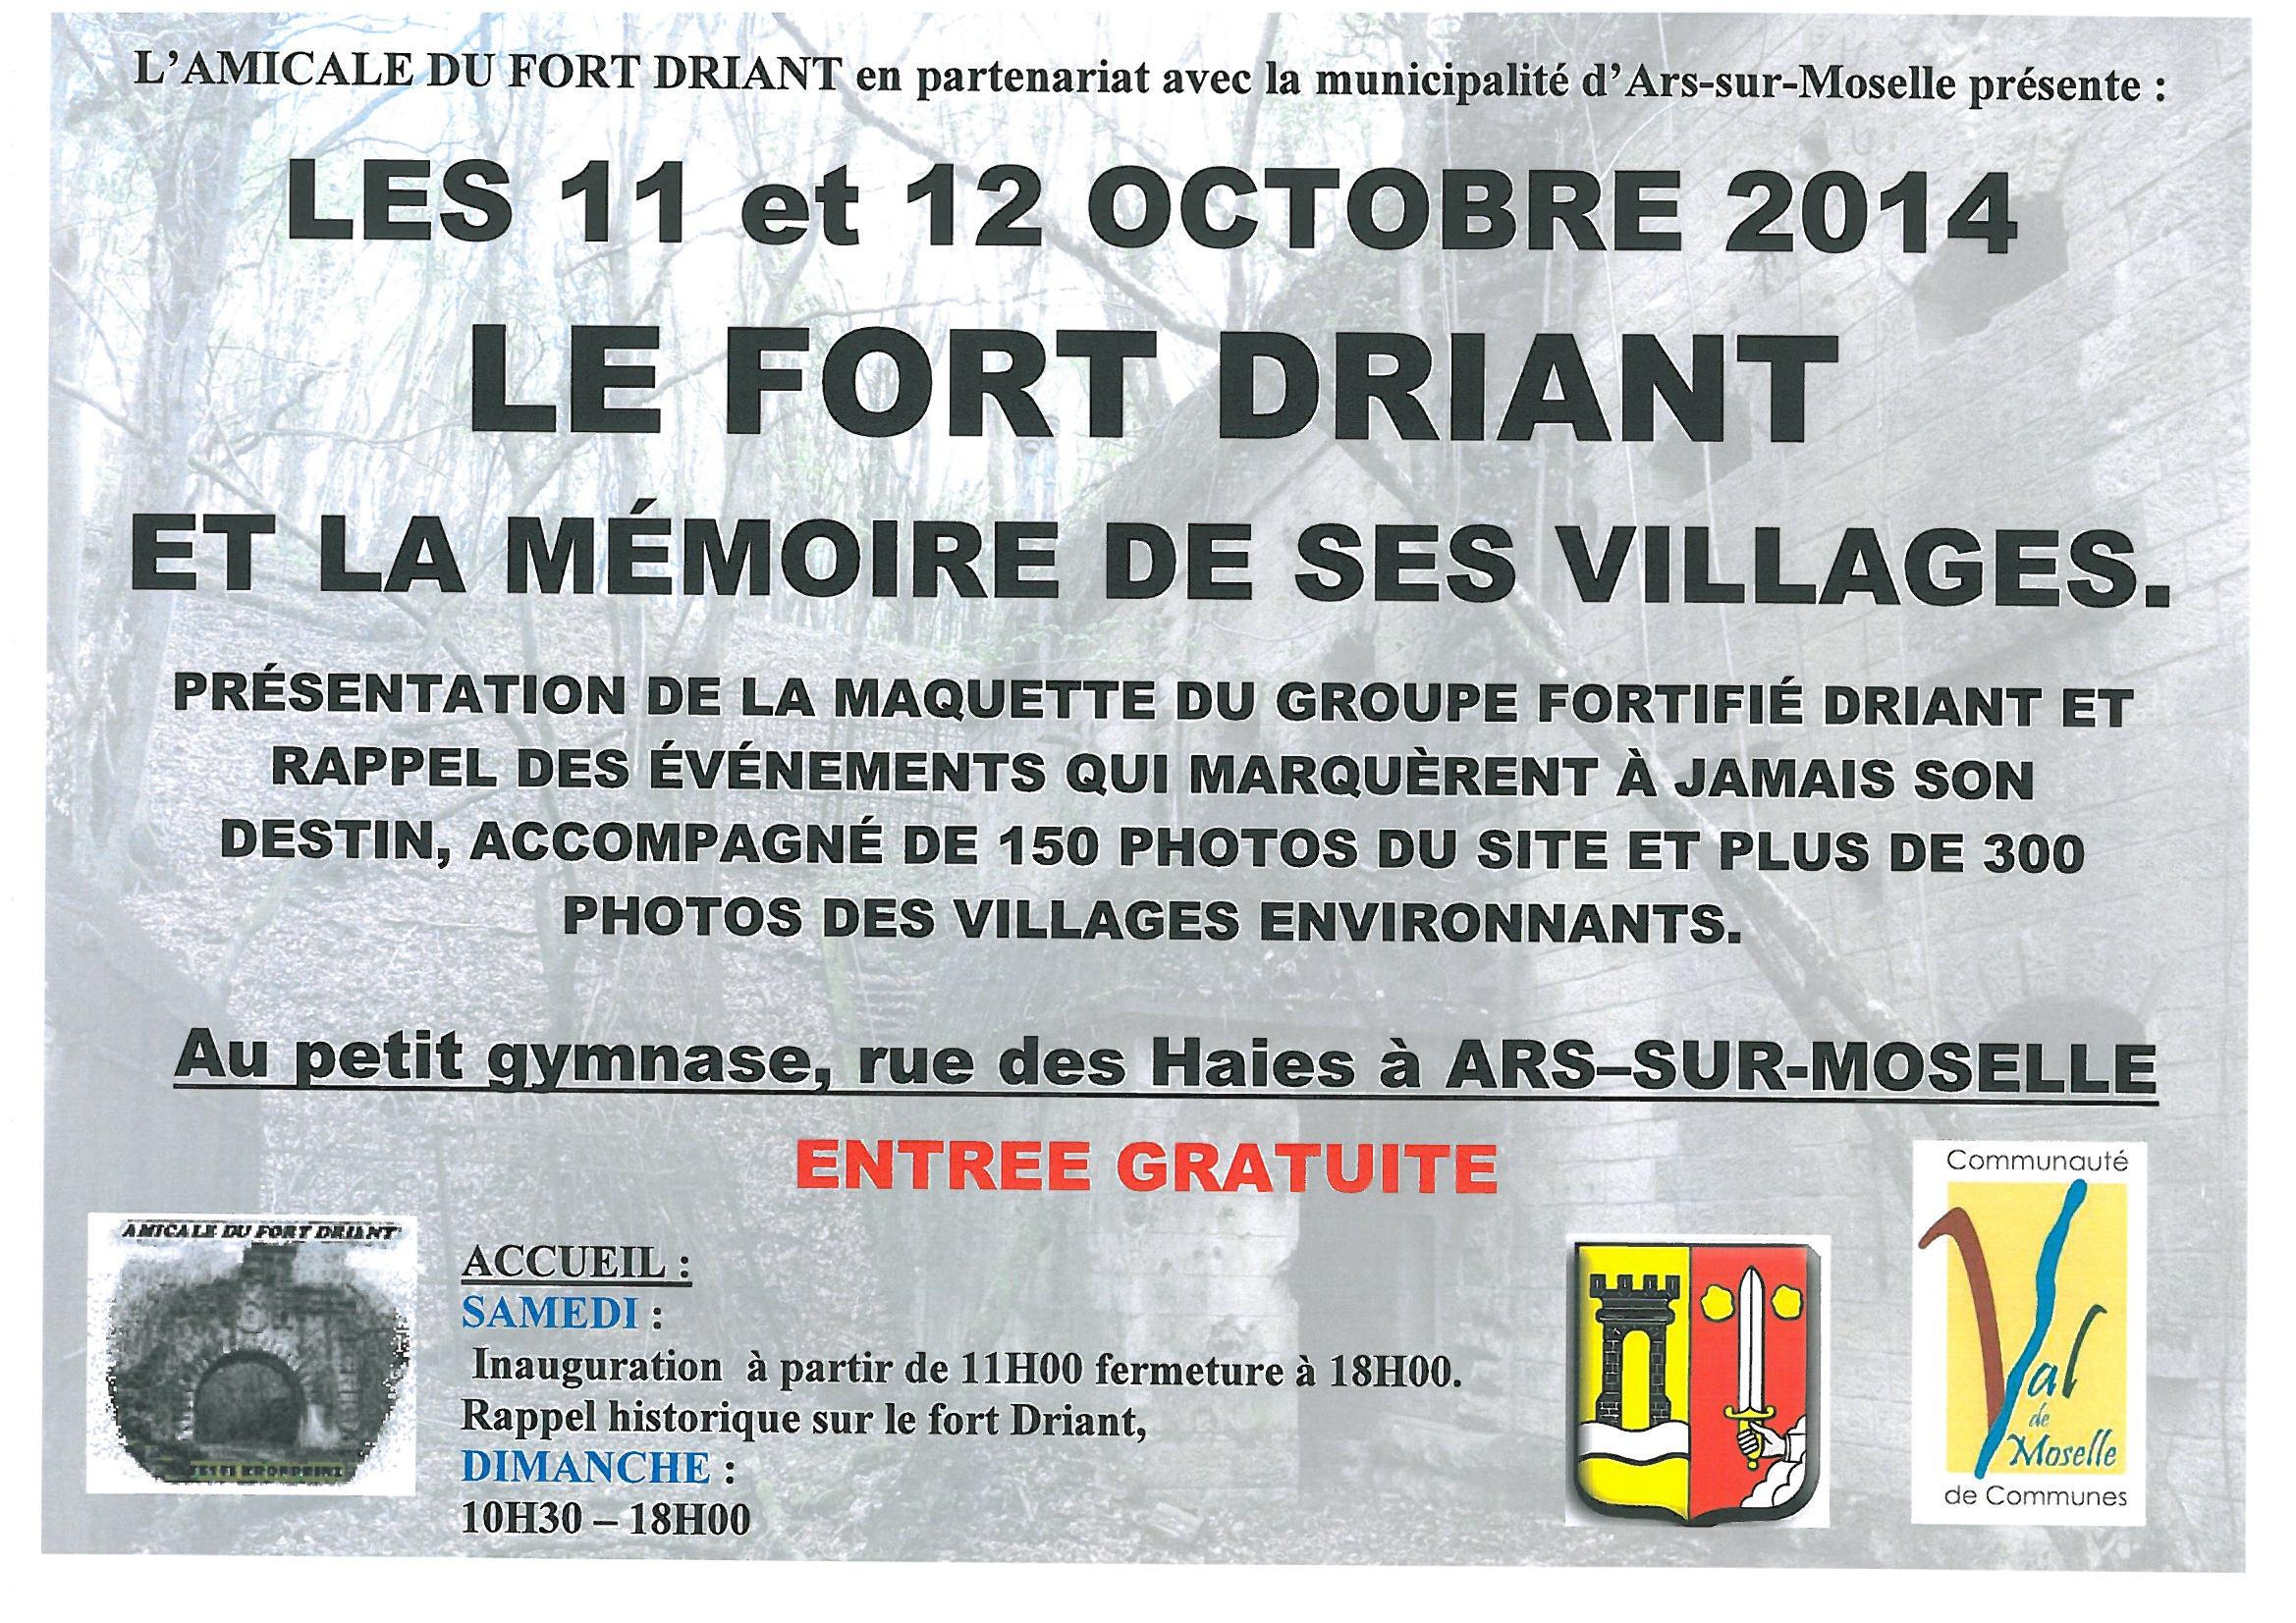 EXPOSITION SUR LE FORT DRIANT les 11 et 12 octobre